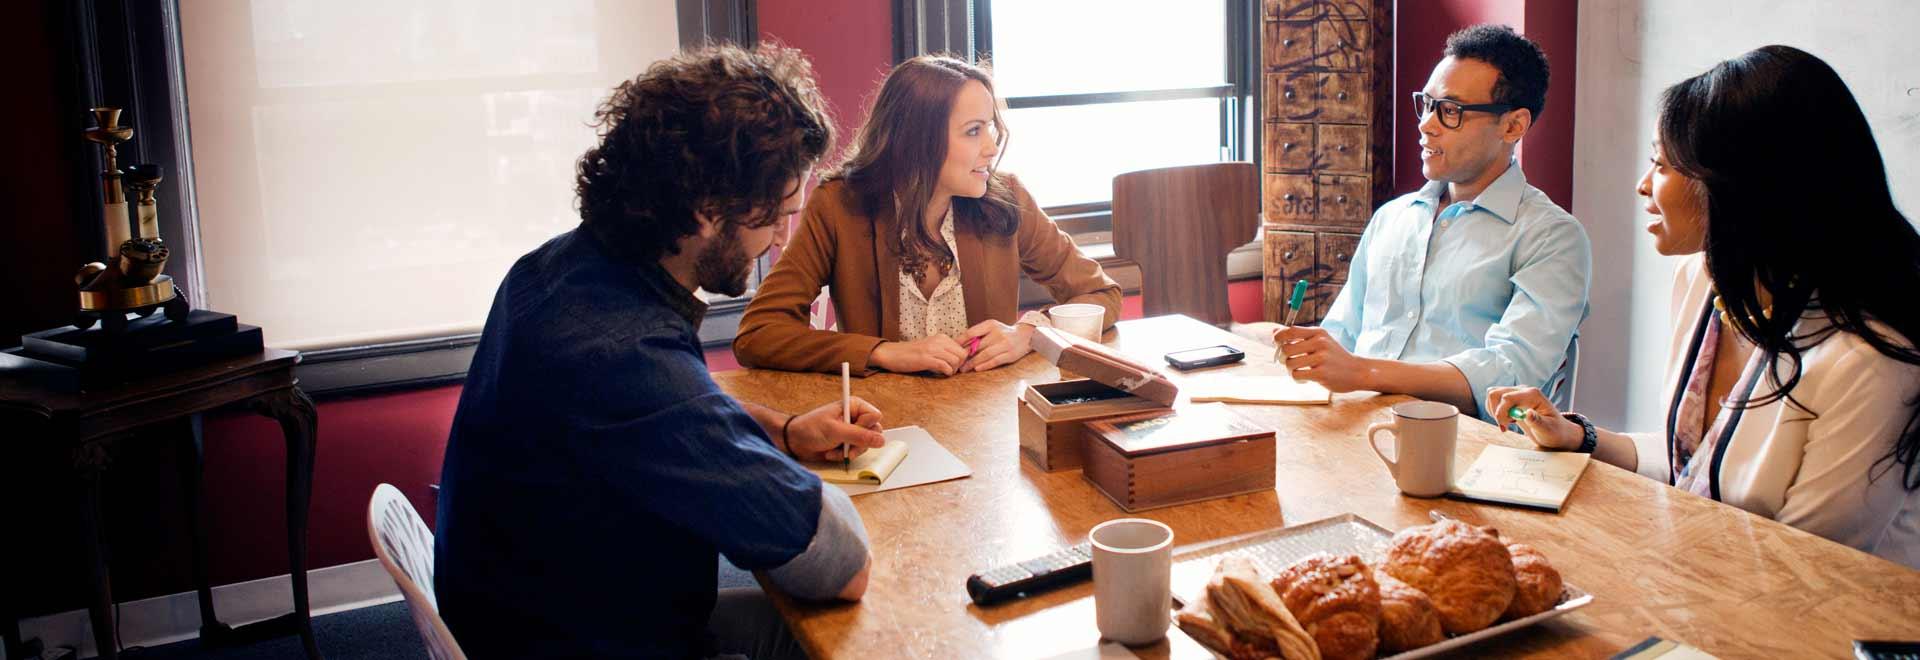 Четыре человека работают с набором Office 365 корпоративный E3.